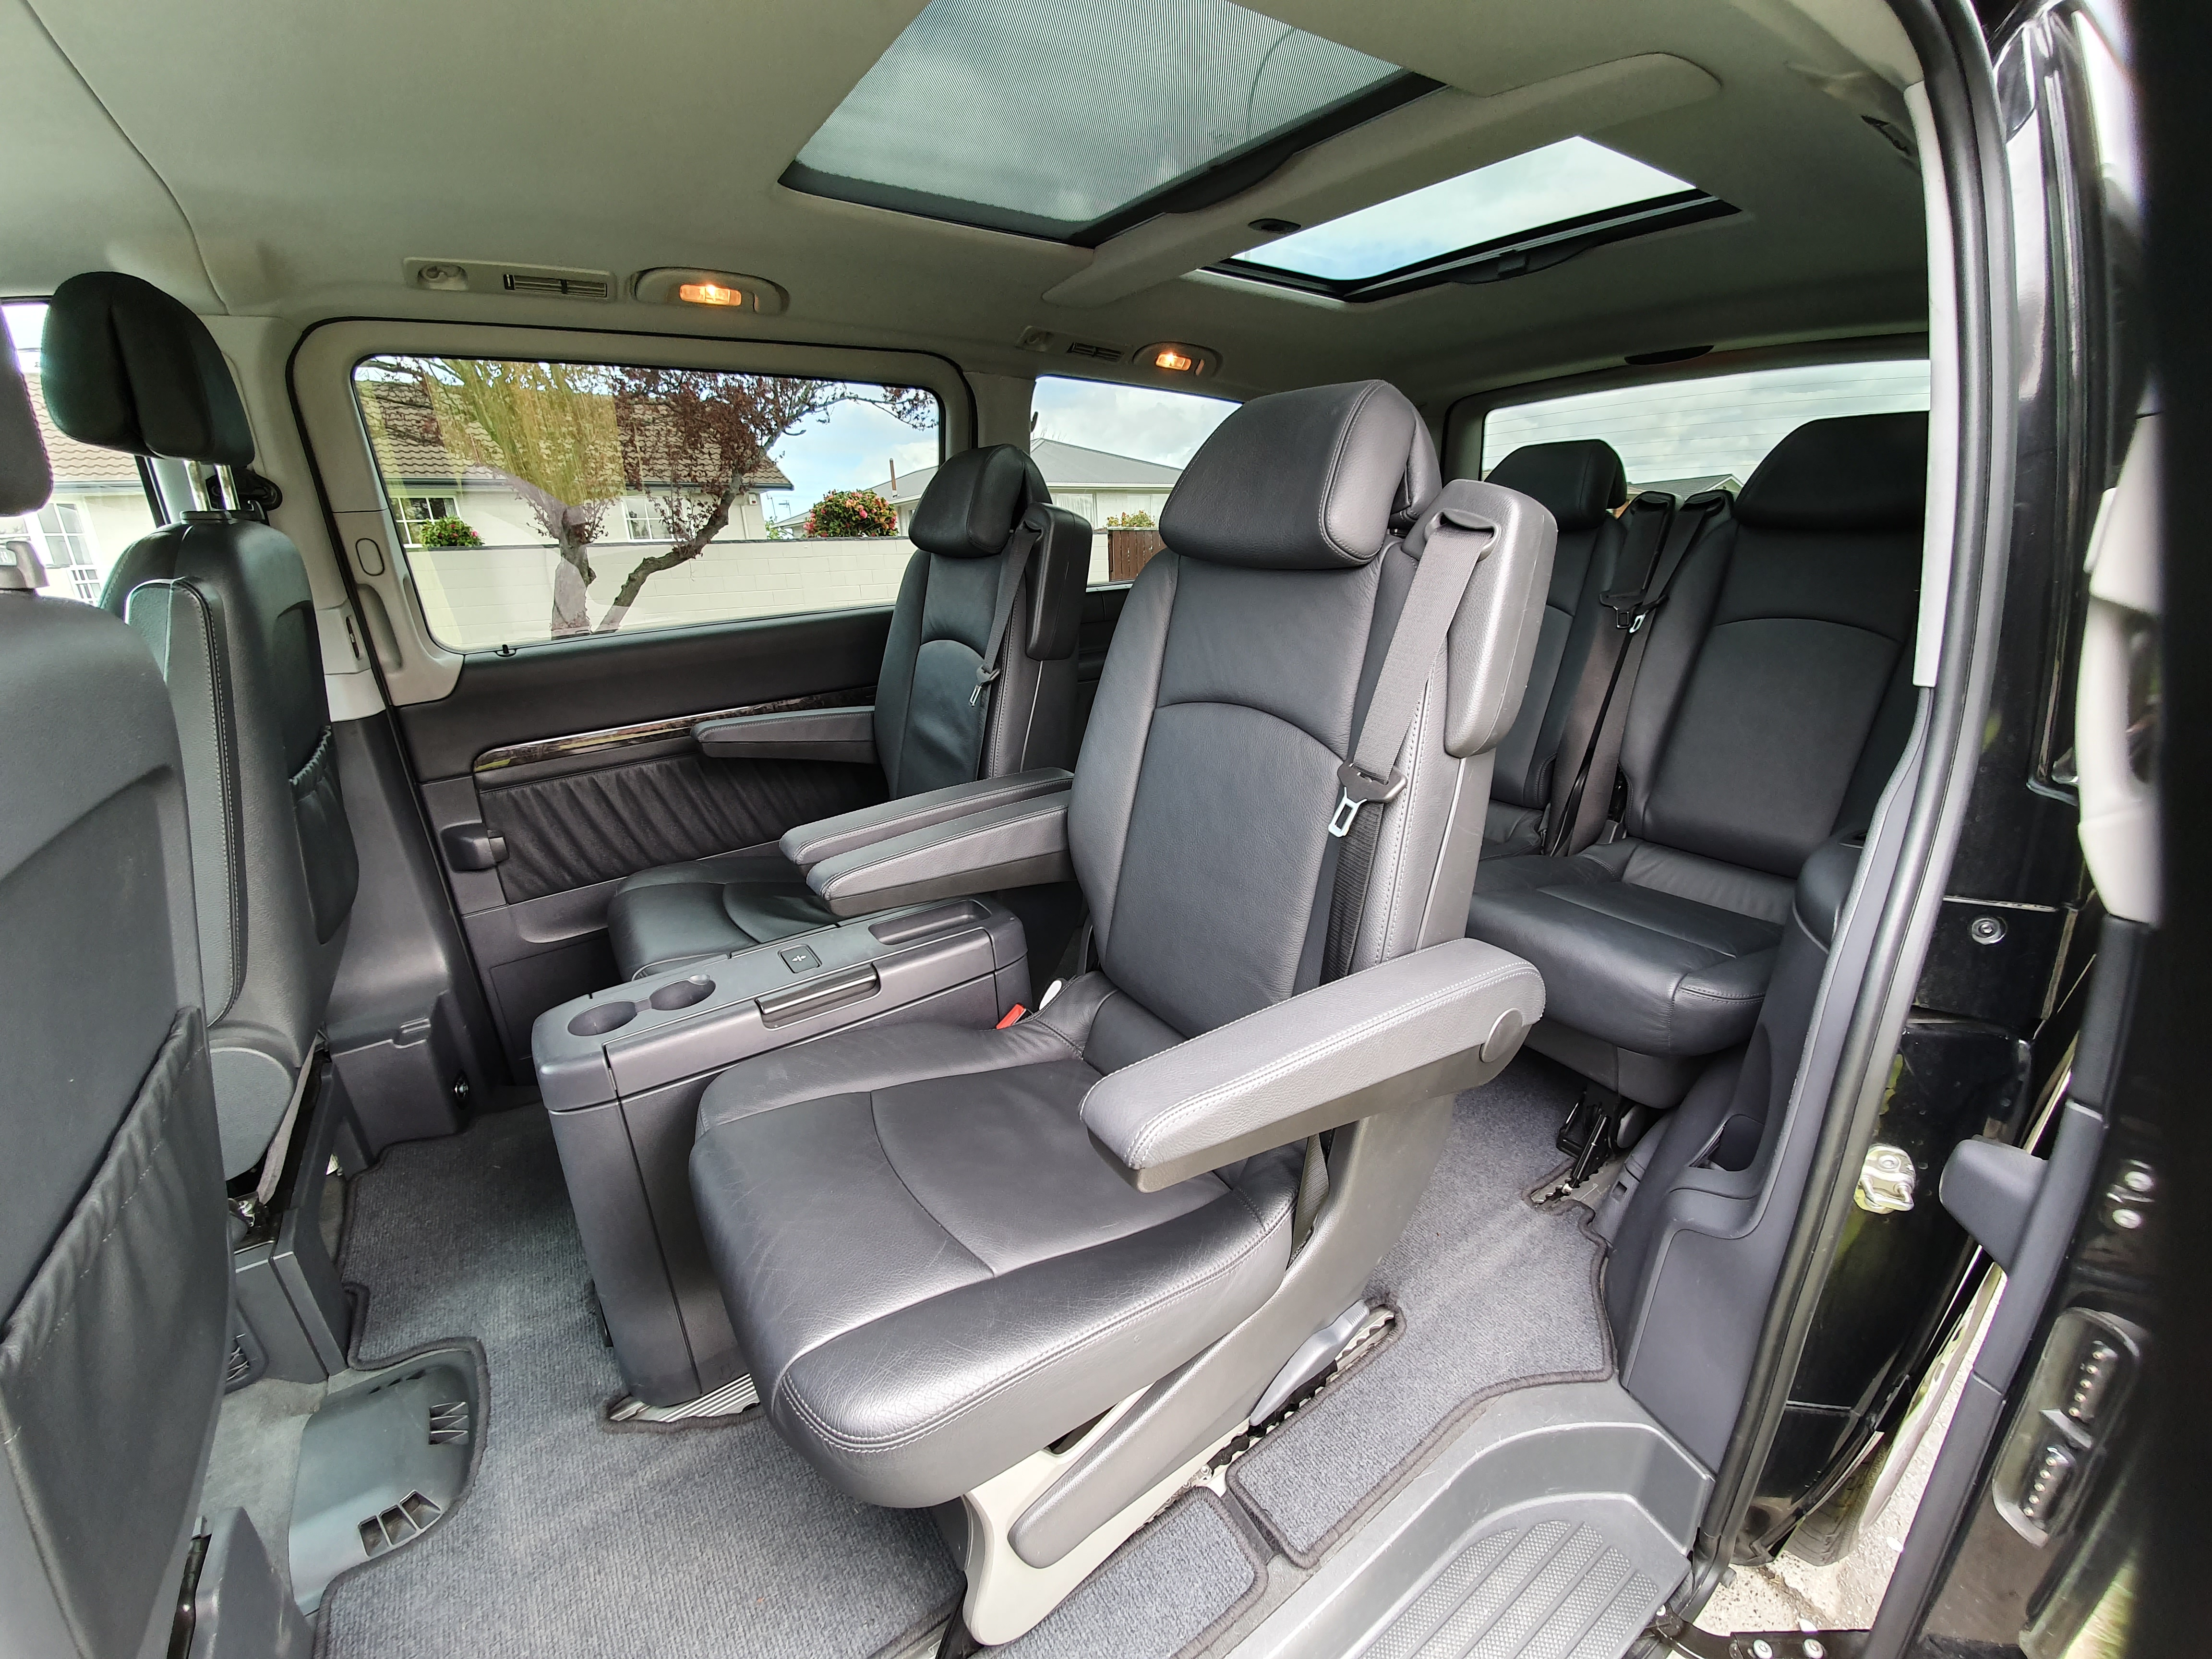 Mercedes Van inside